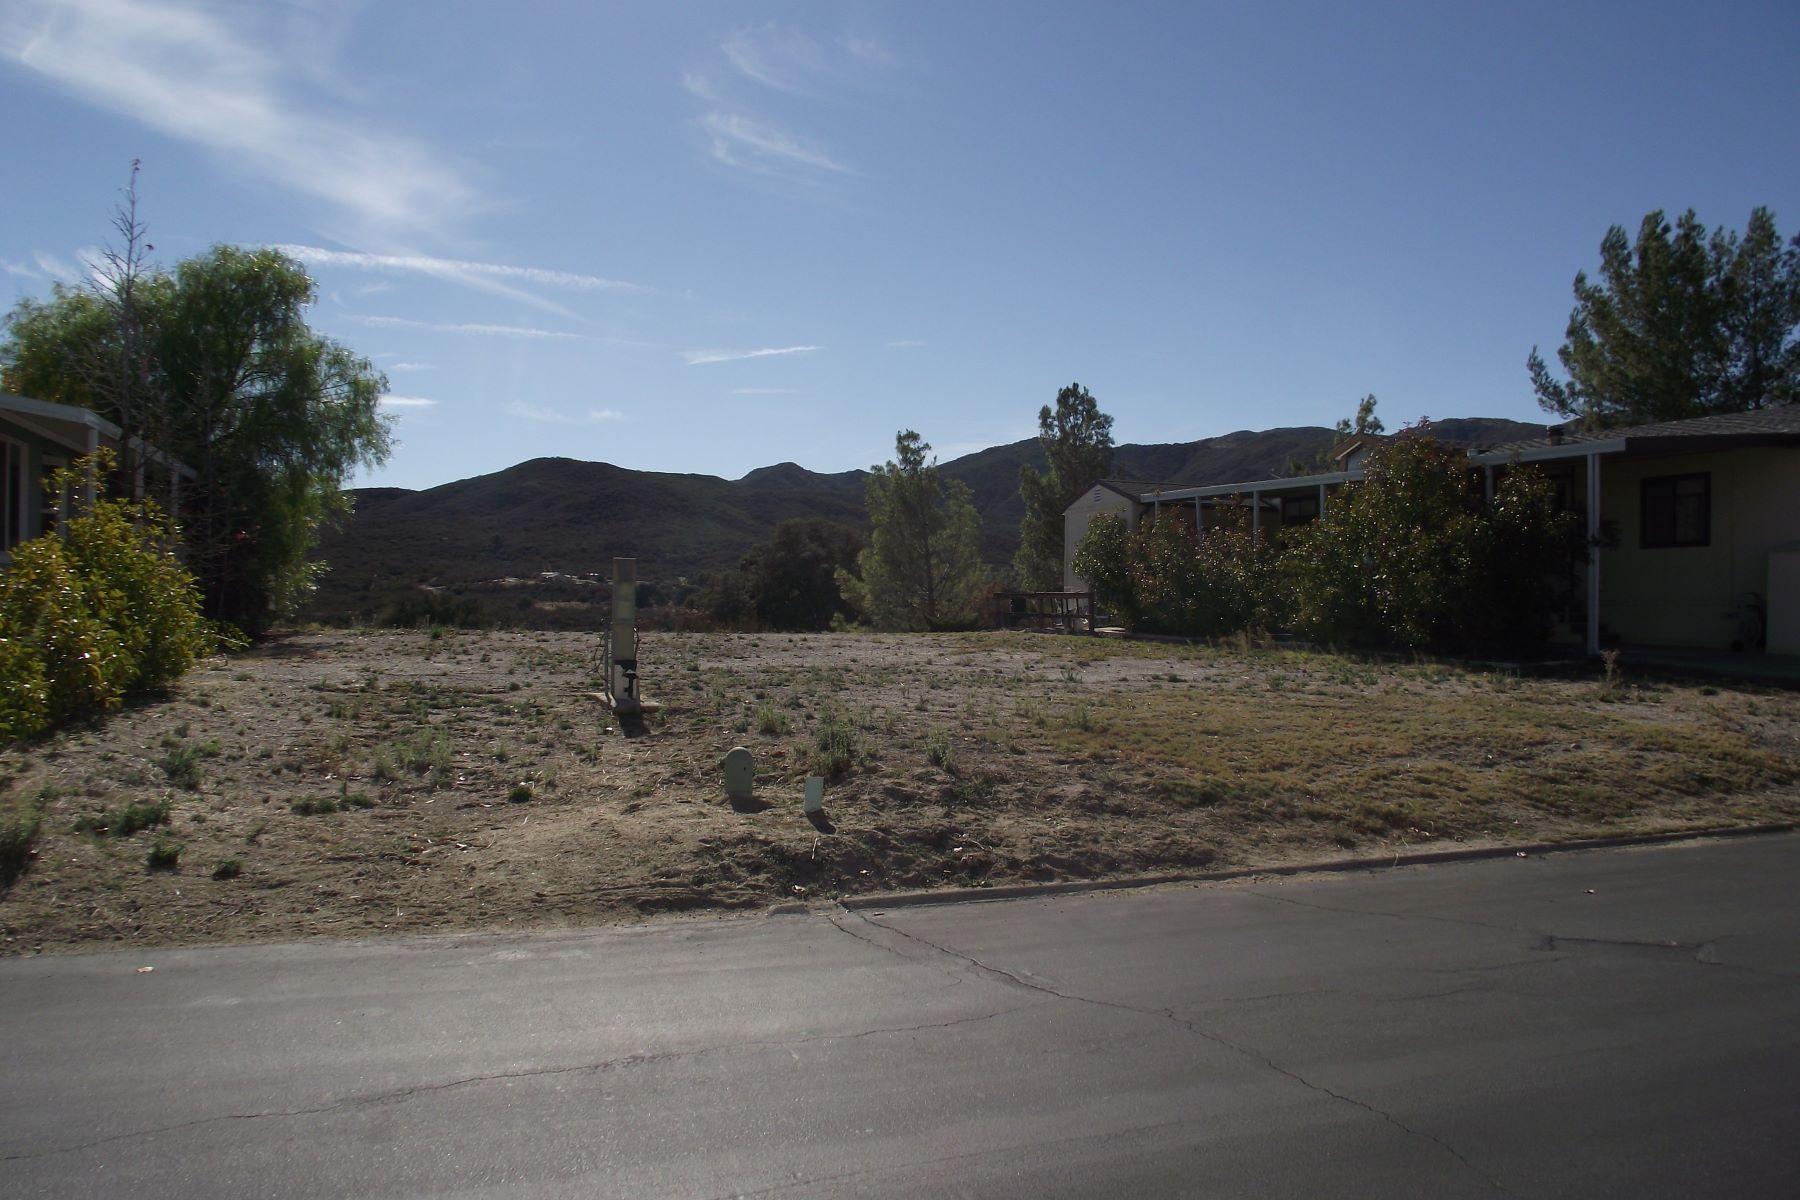 Terreno para Venda às Stone Ridge at Warner Springs 35109 Highway 79 Unit #224/ Space #225, Warner Springs, Califórnia 92086 Estados Unidos